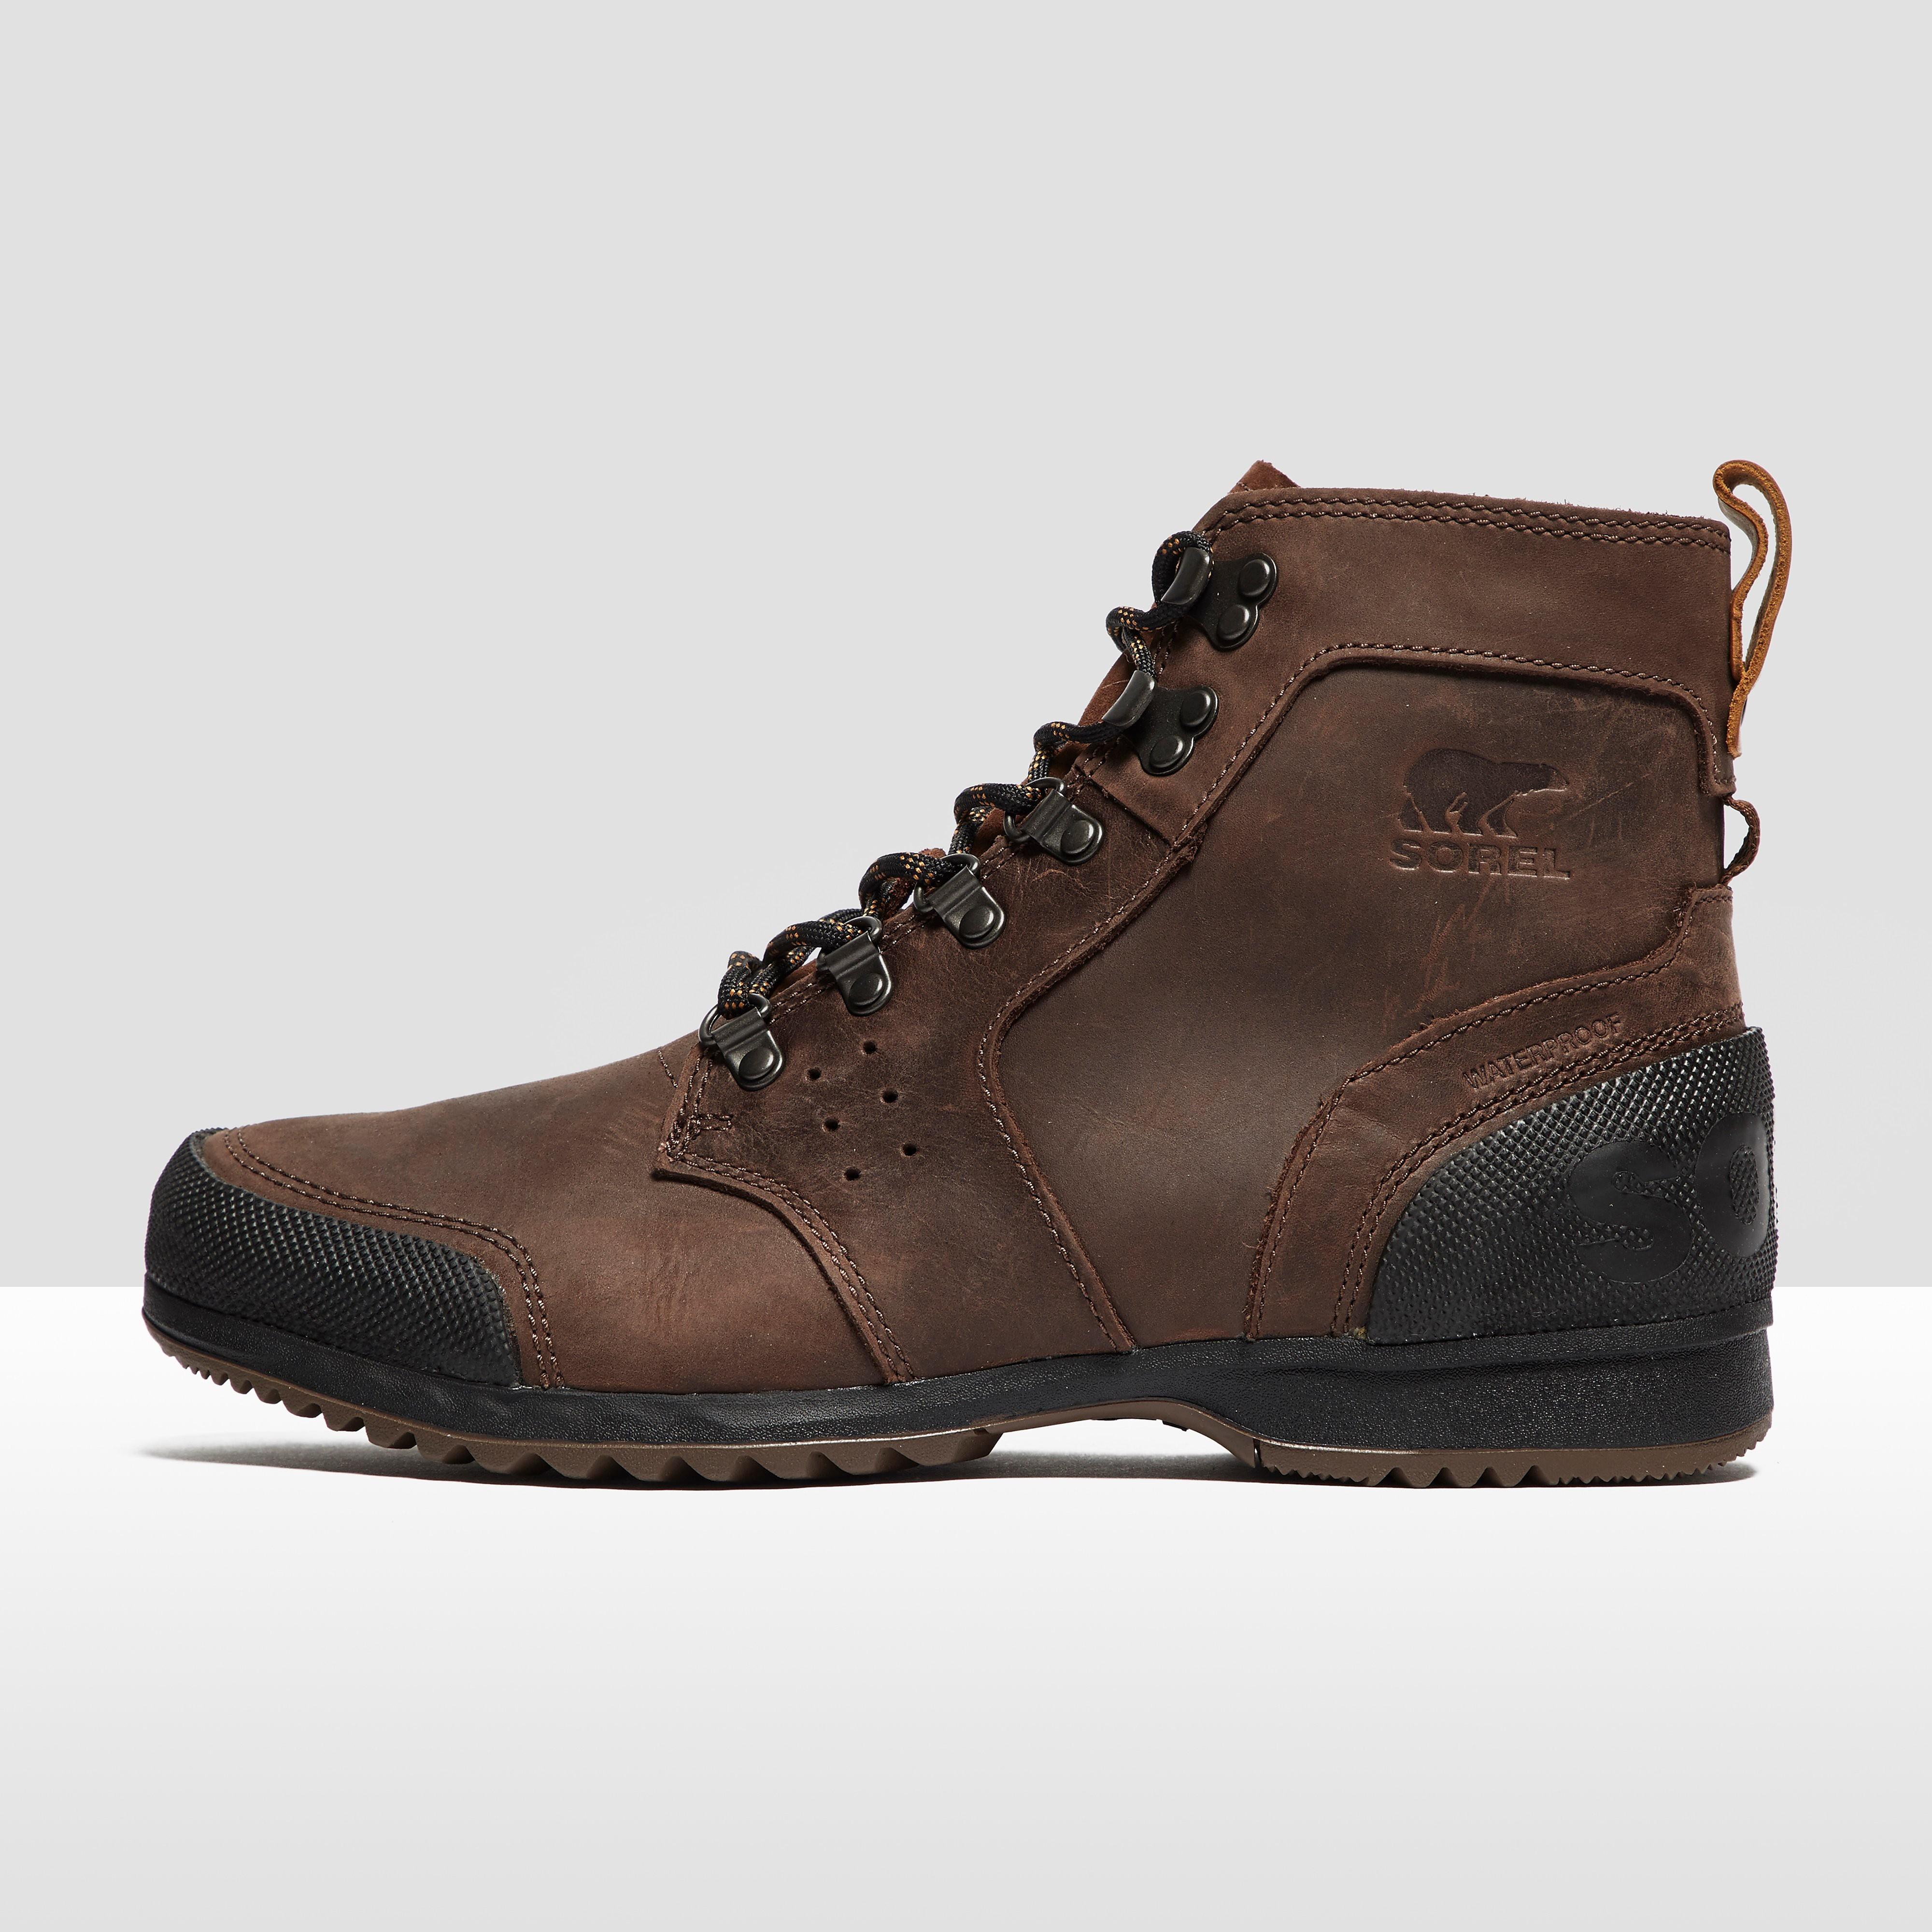 Sorel Men's Ankey Mid Hiking Boots